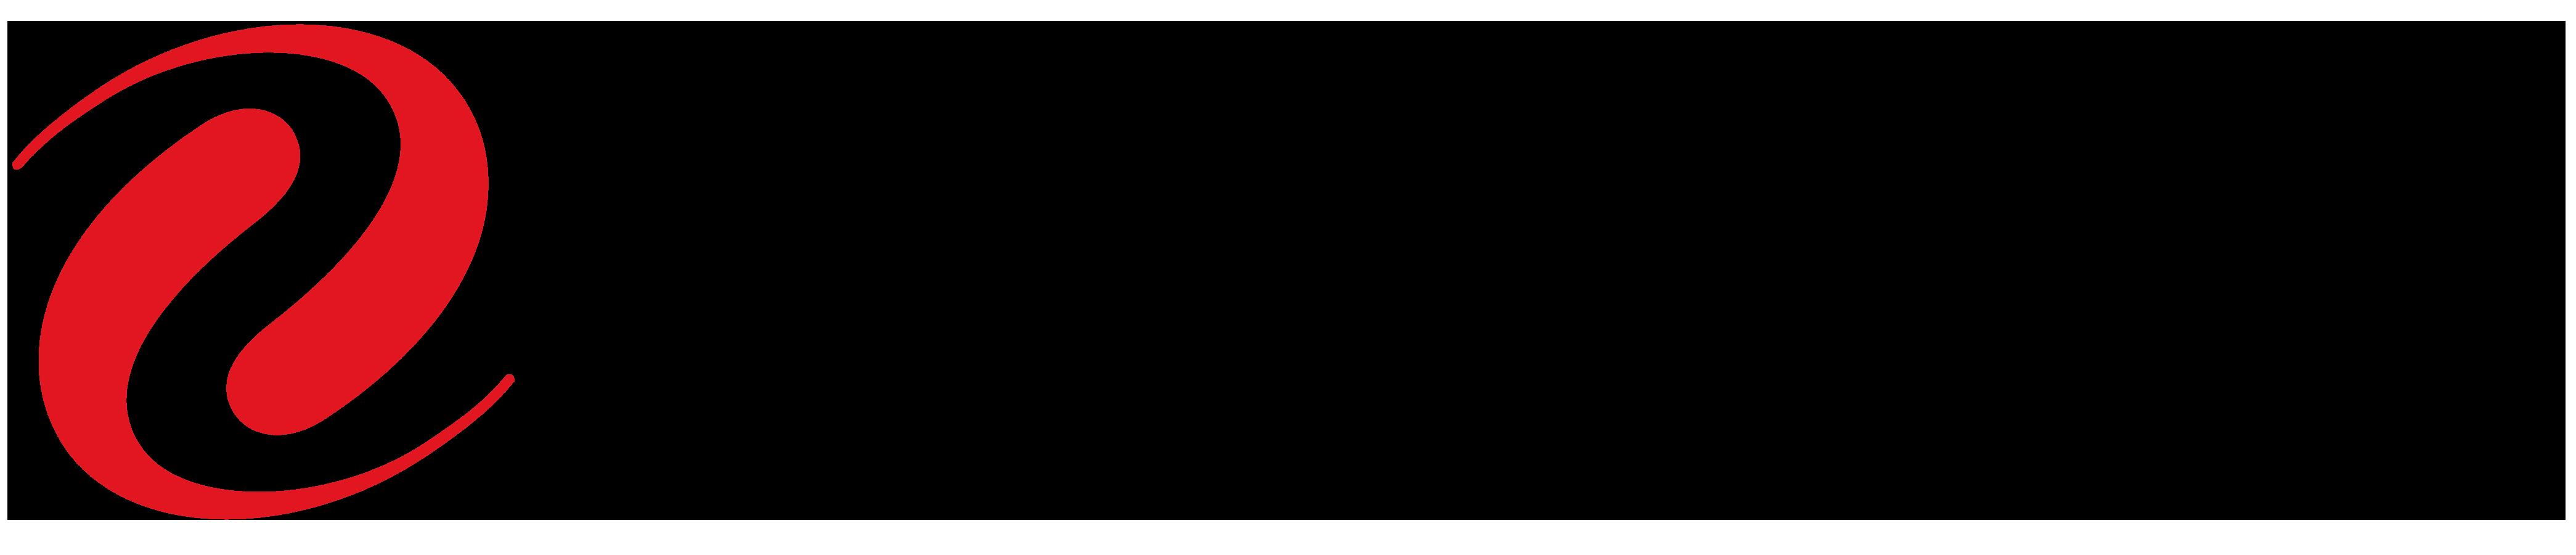 xcel energy logos download